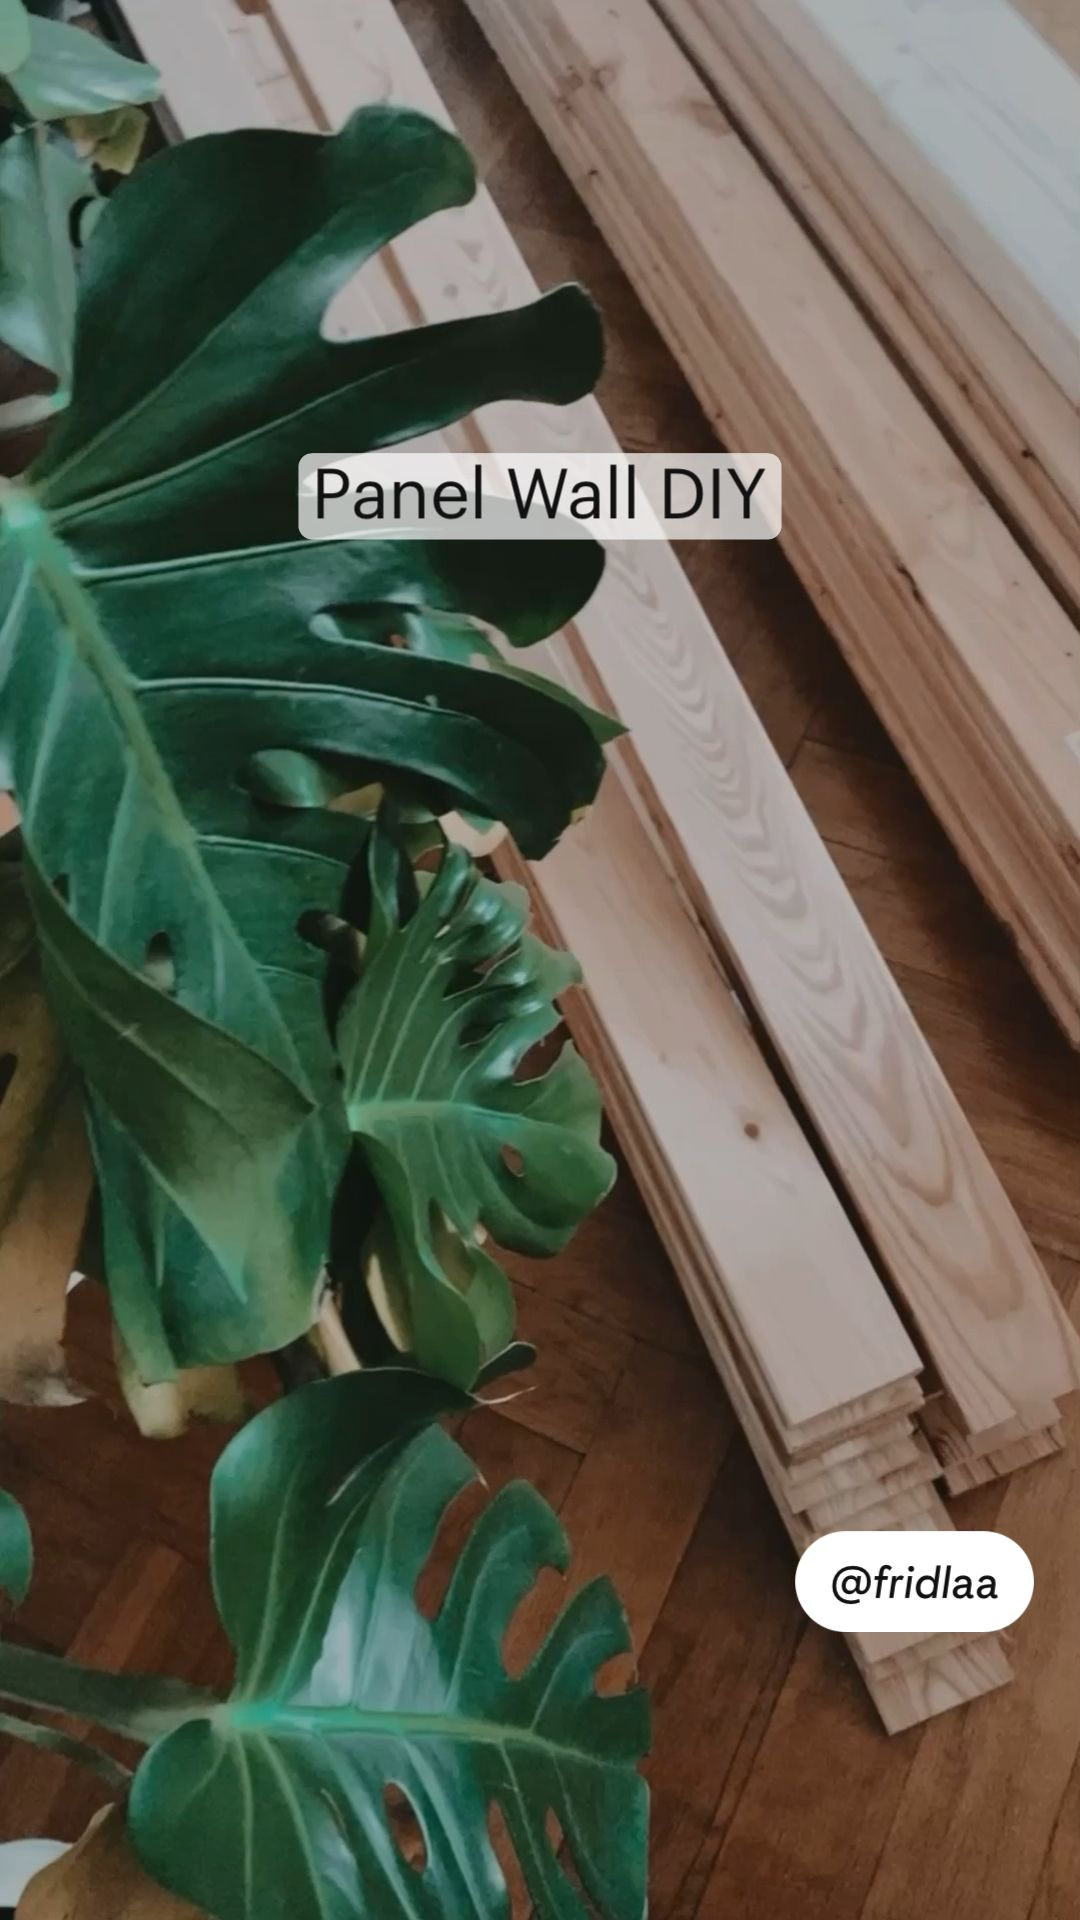 Panel Wall DIY